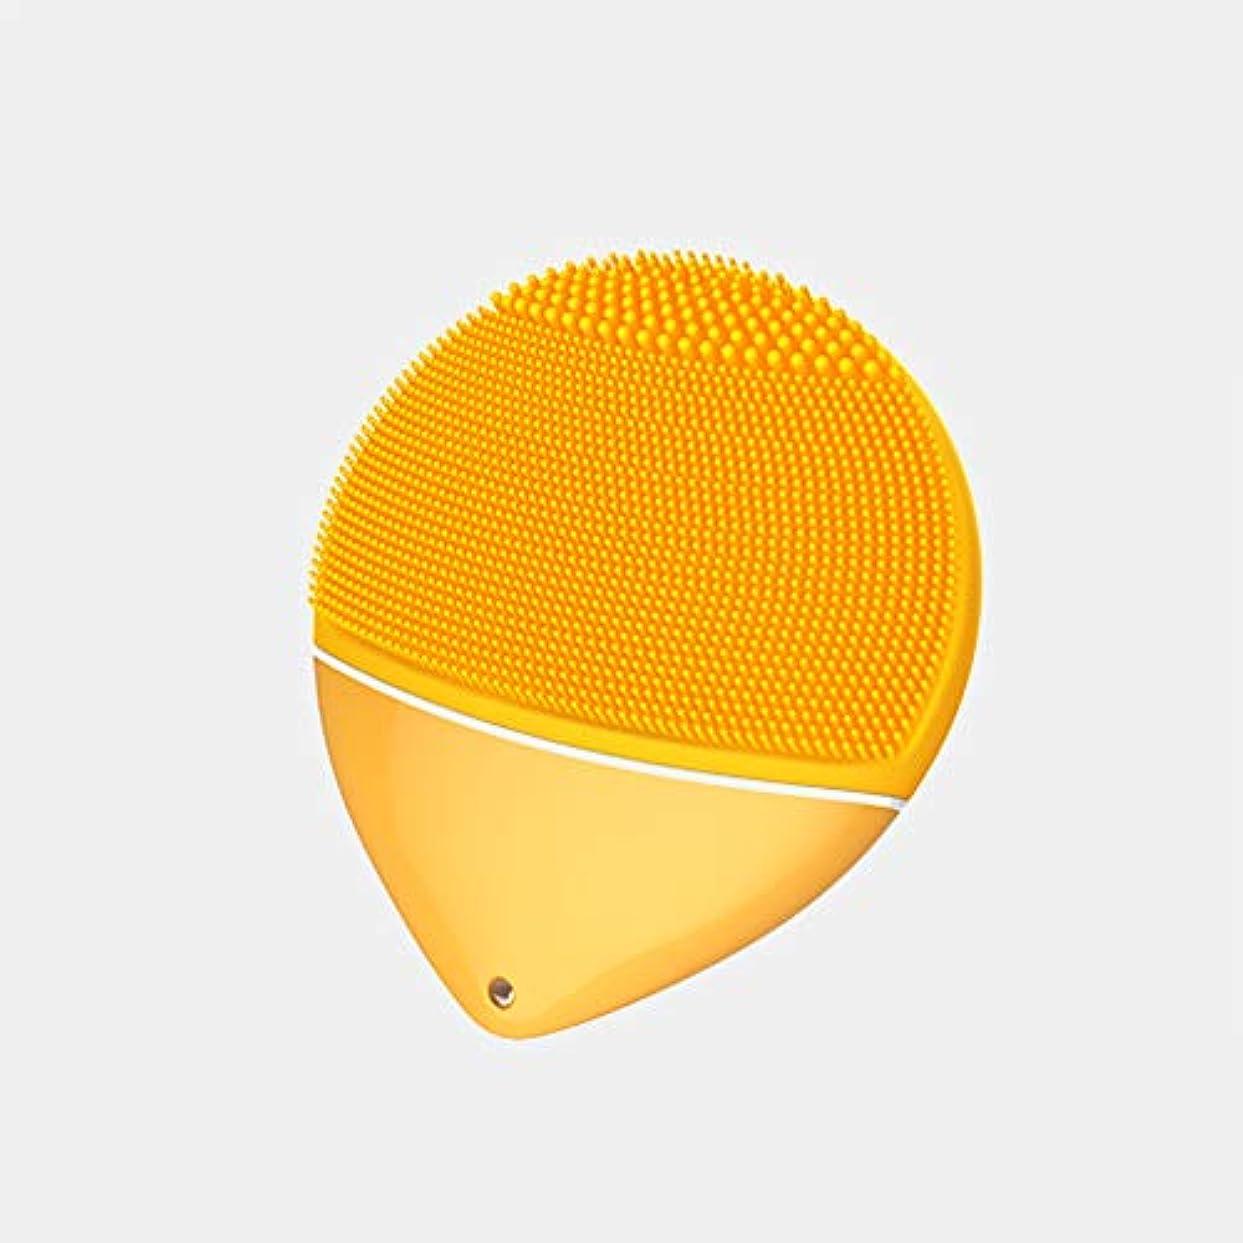 オリエンテーションリスワームタイマーを備えた葉顔クレンジングブラシと顔マッサージ器、再充電可能な防水フェイシャル浄化システム、あらゆる皮膚タイプのための柔らかいシリコーンでアンチエイジングスキンケアフェイスクレンザー